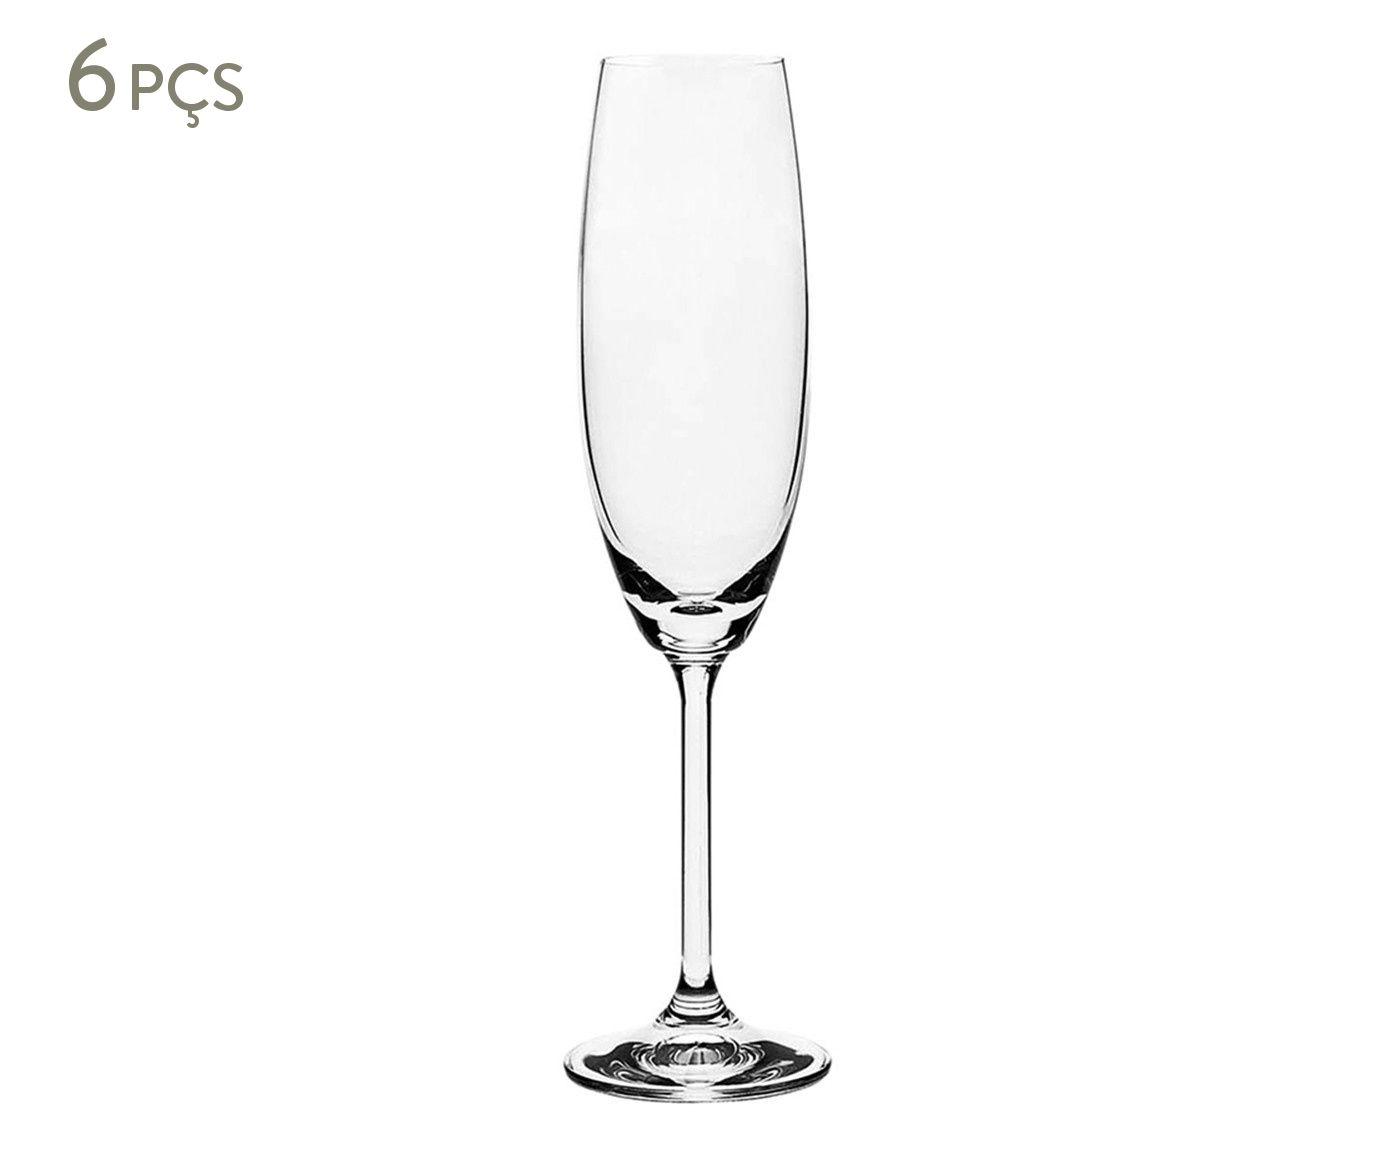 Jogo de Taças para Champagne em Cristal Ecológico Gastro Transparente - 220ml | Westwing.com.br